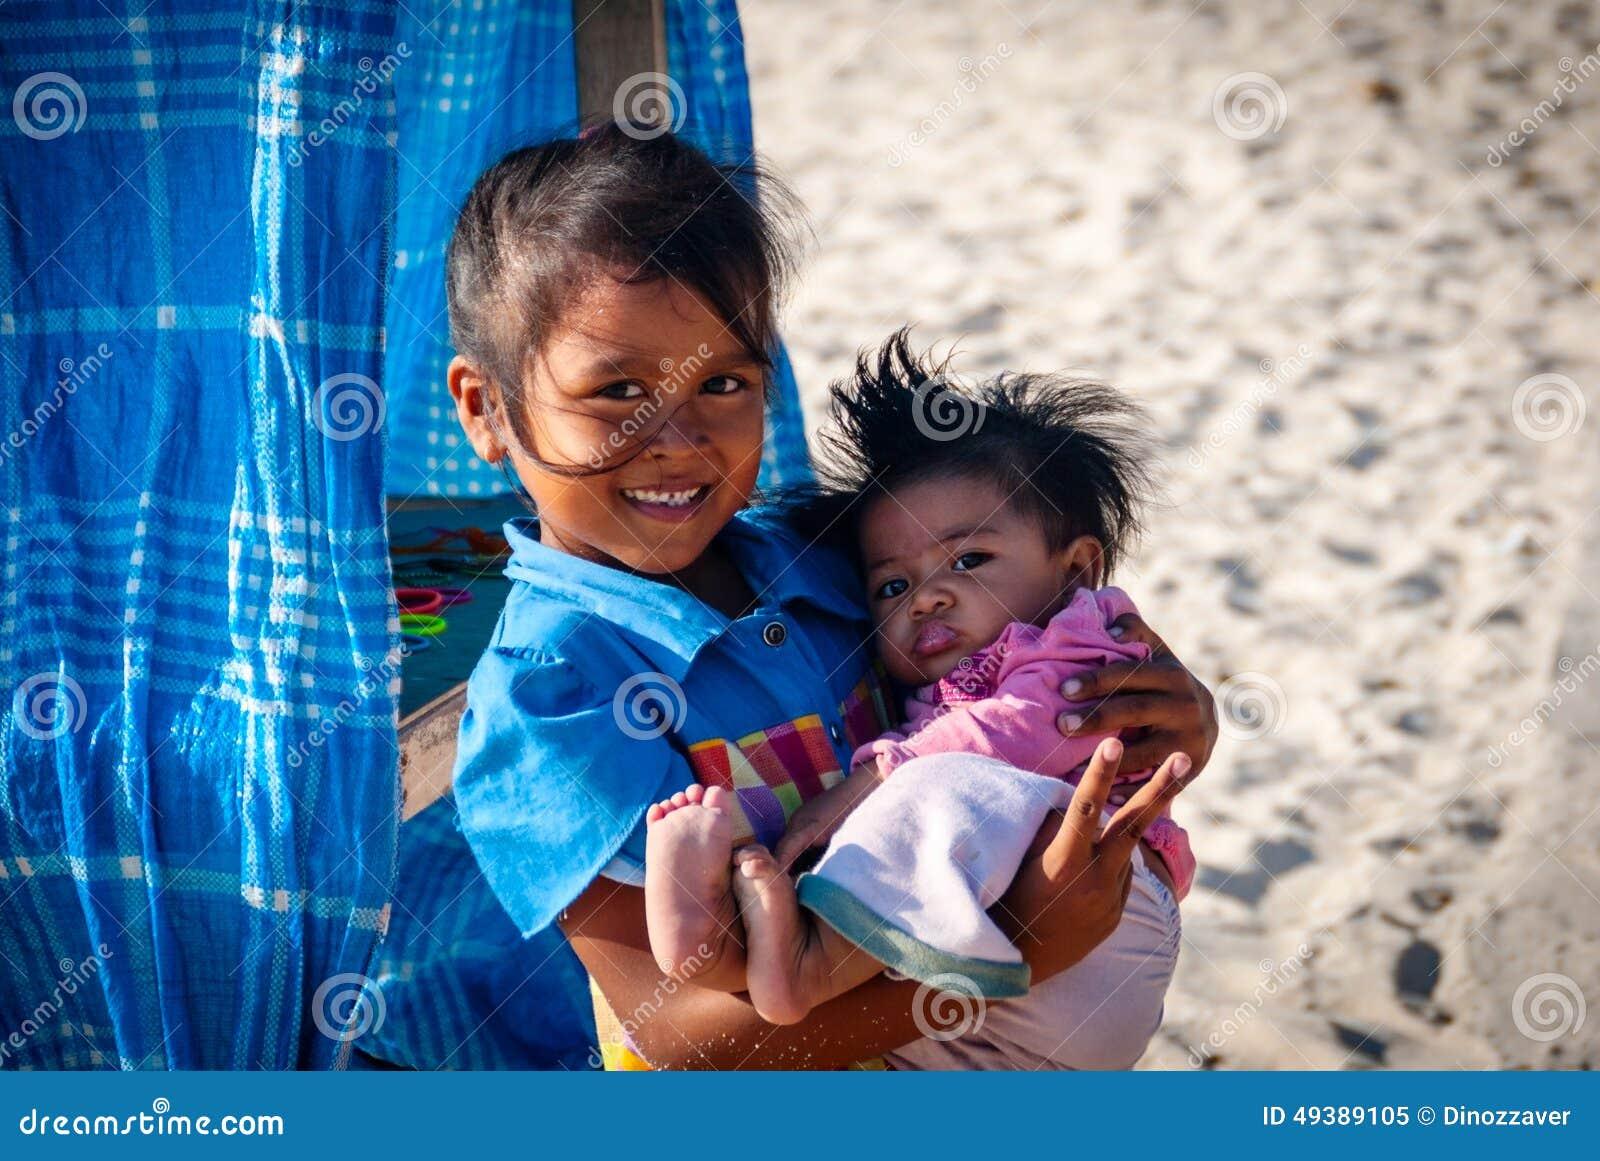 Młoda balijczyk dziewczyna trzyma jej brata